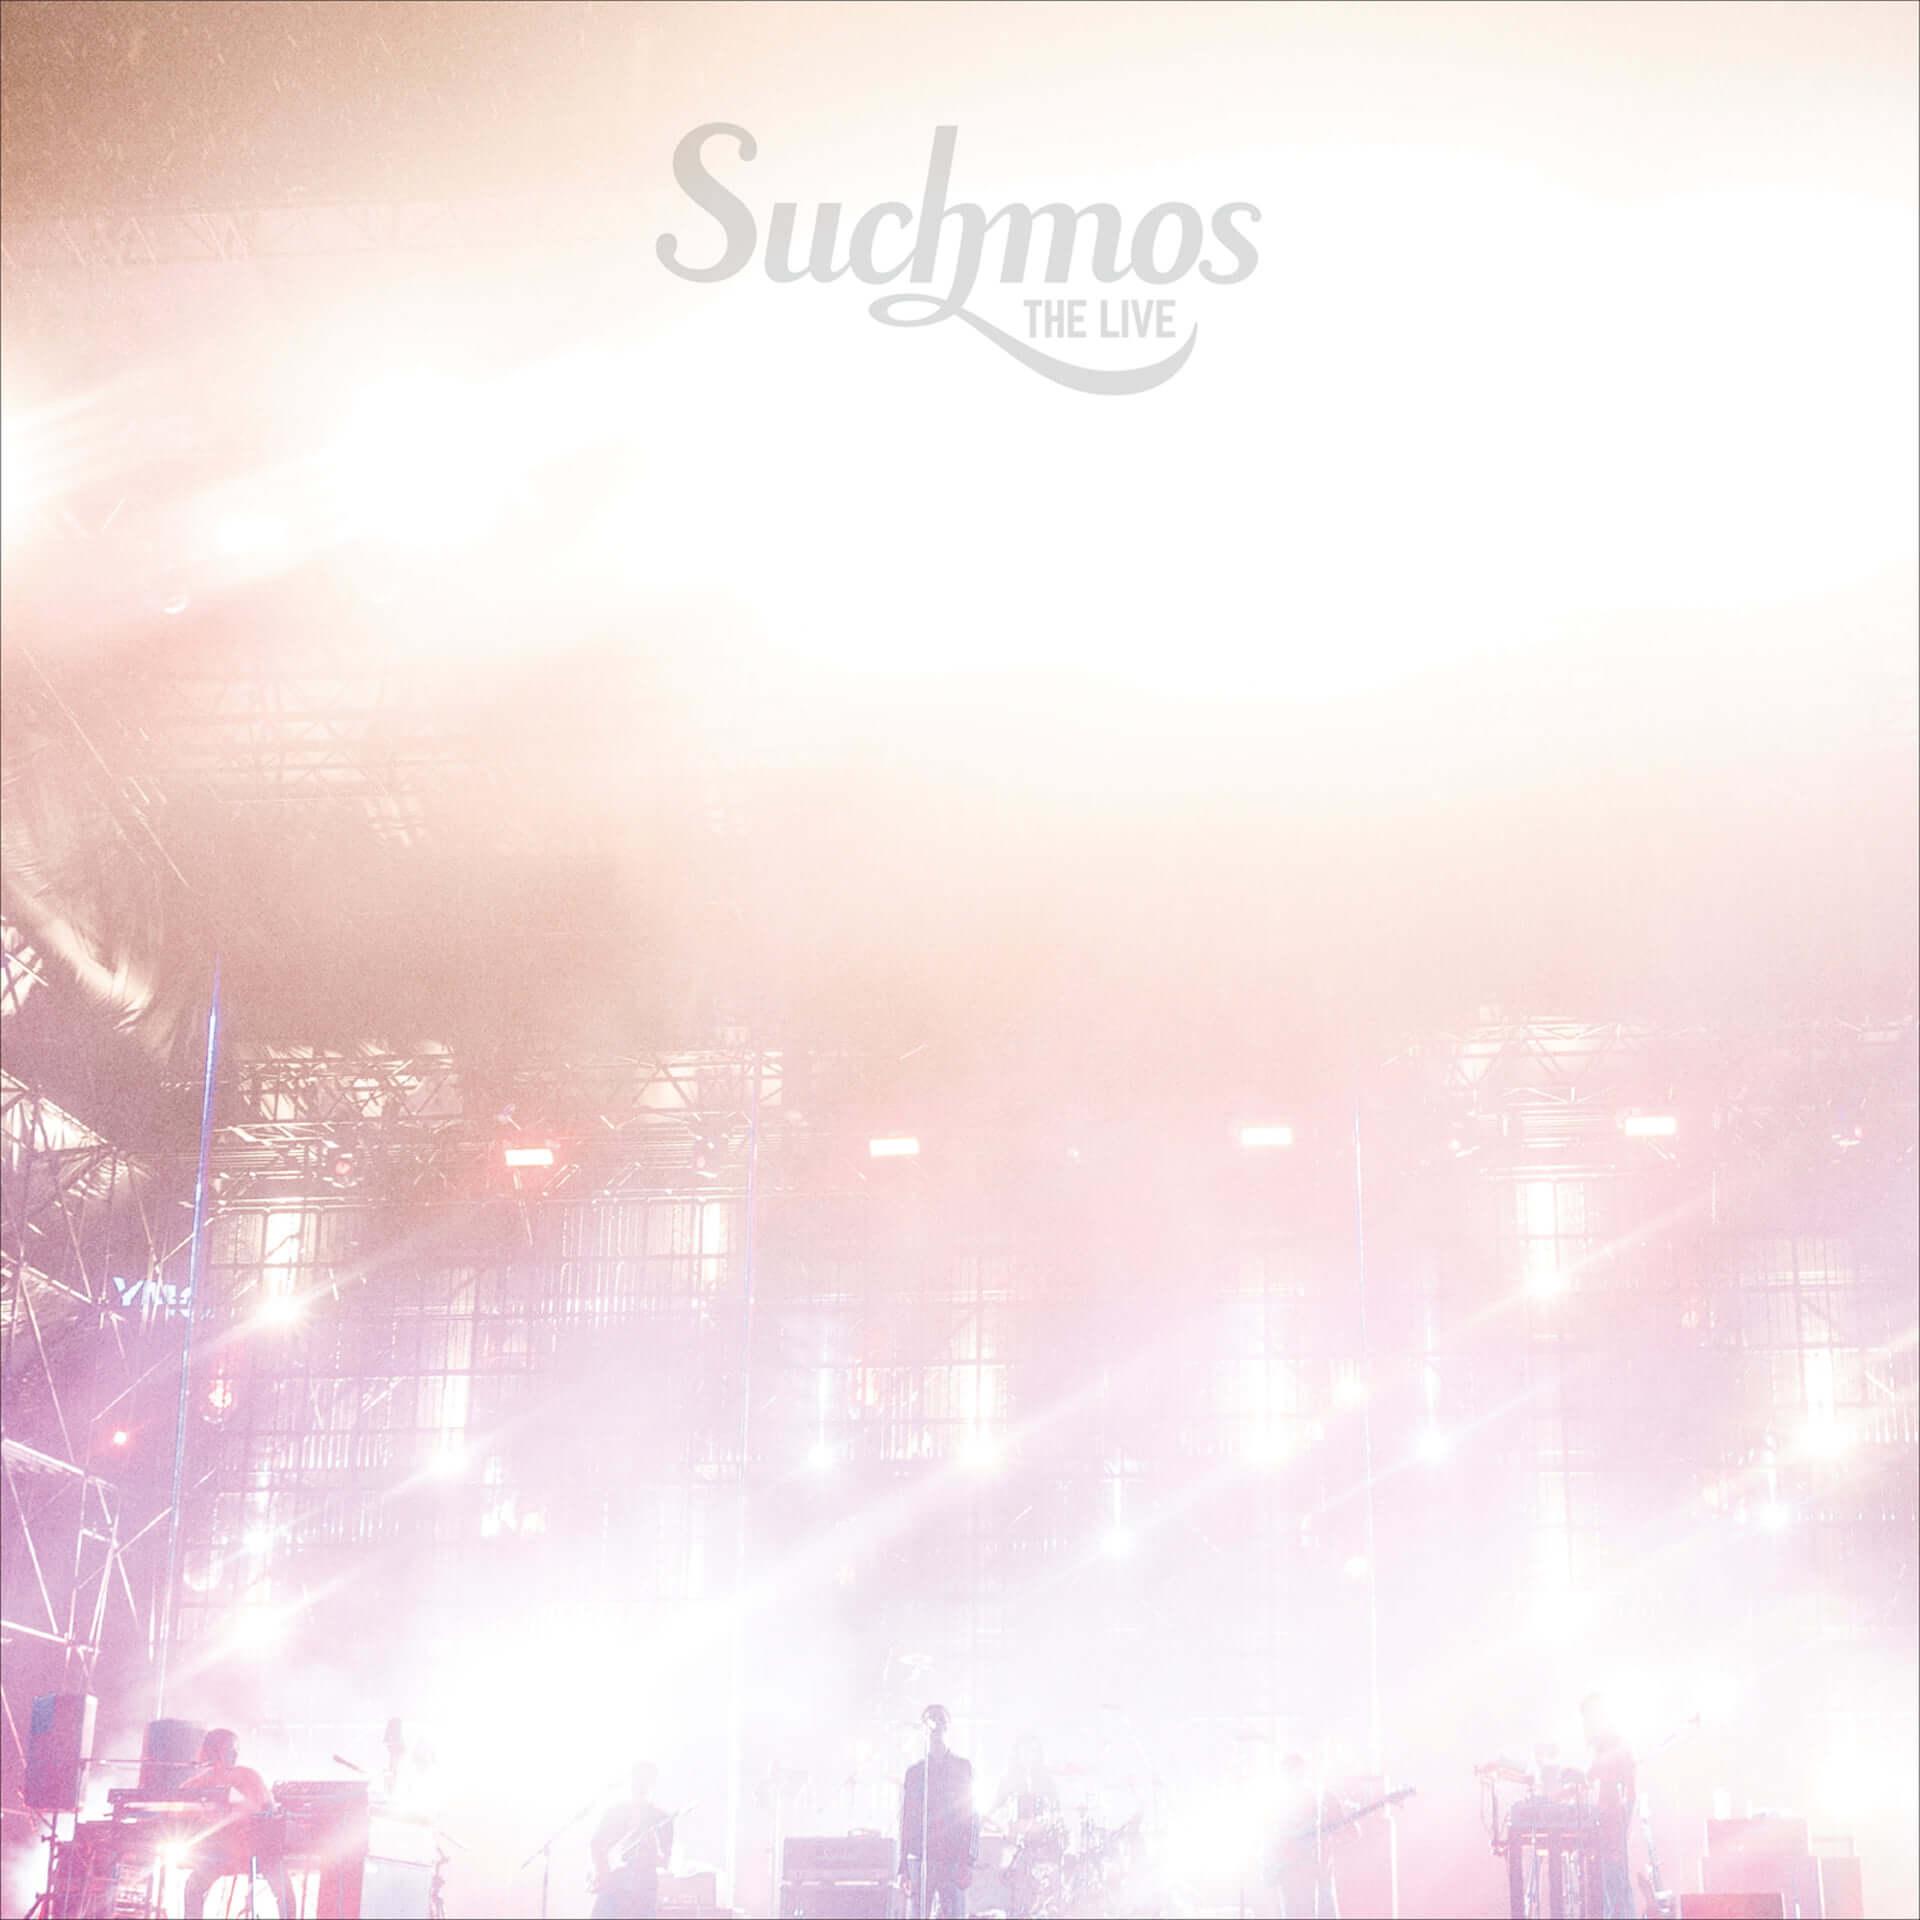 Suchmosによる横浜スタジアムでのライブの模様が収められた映像作品が発売決定|山田健人によるドキュメンタリーフィルムも収録 music200310_suchmos_2-1920x1920